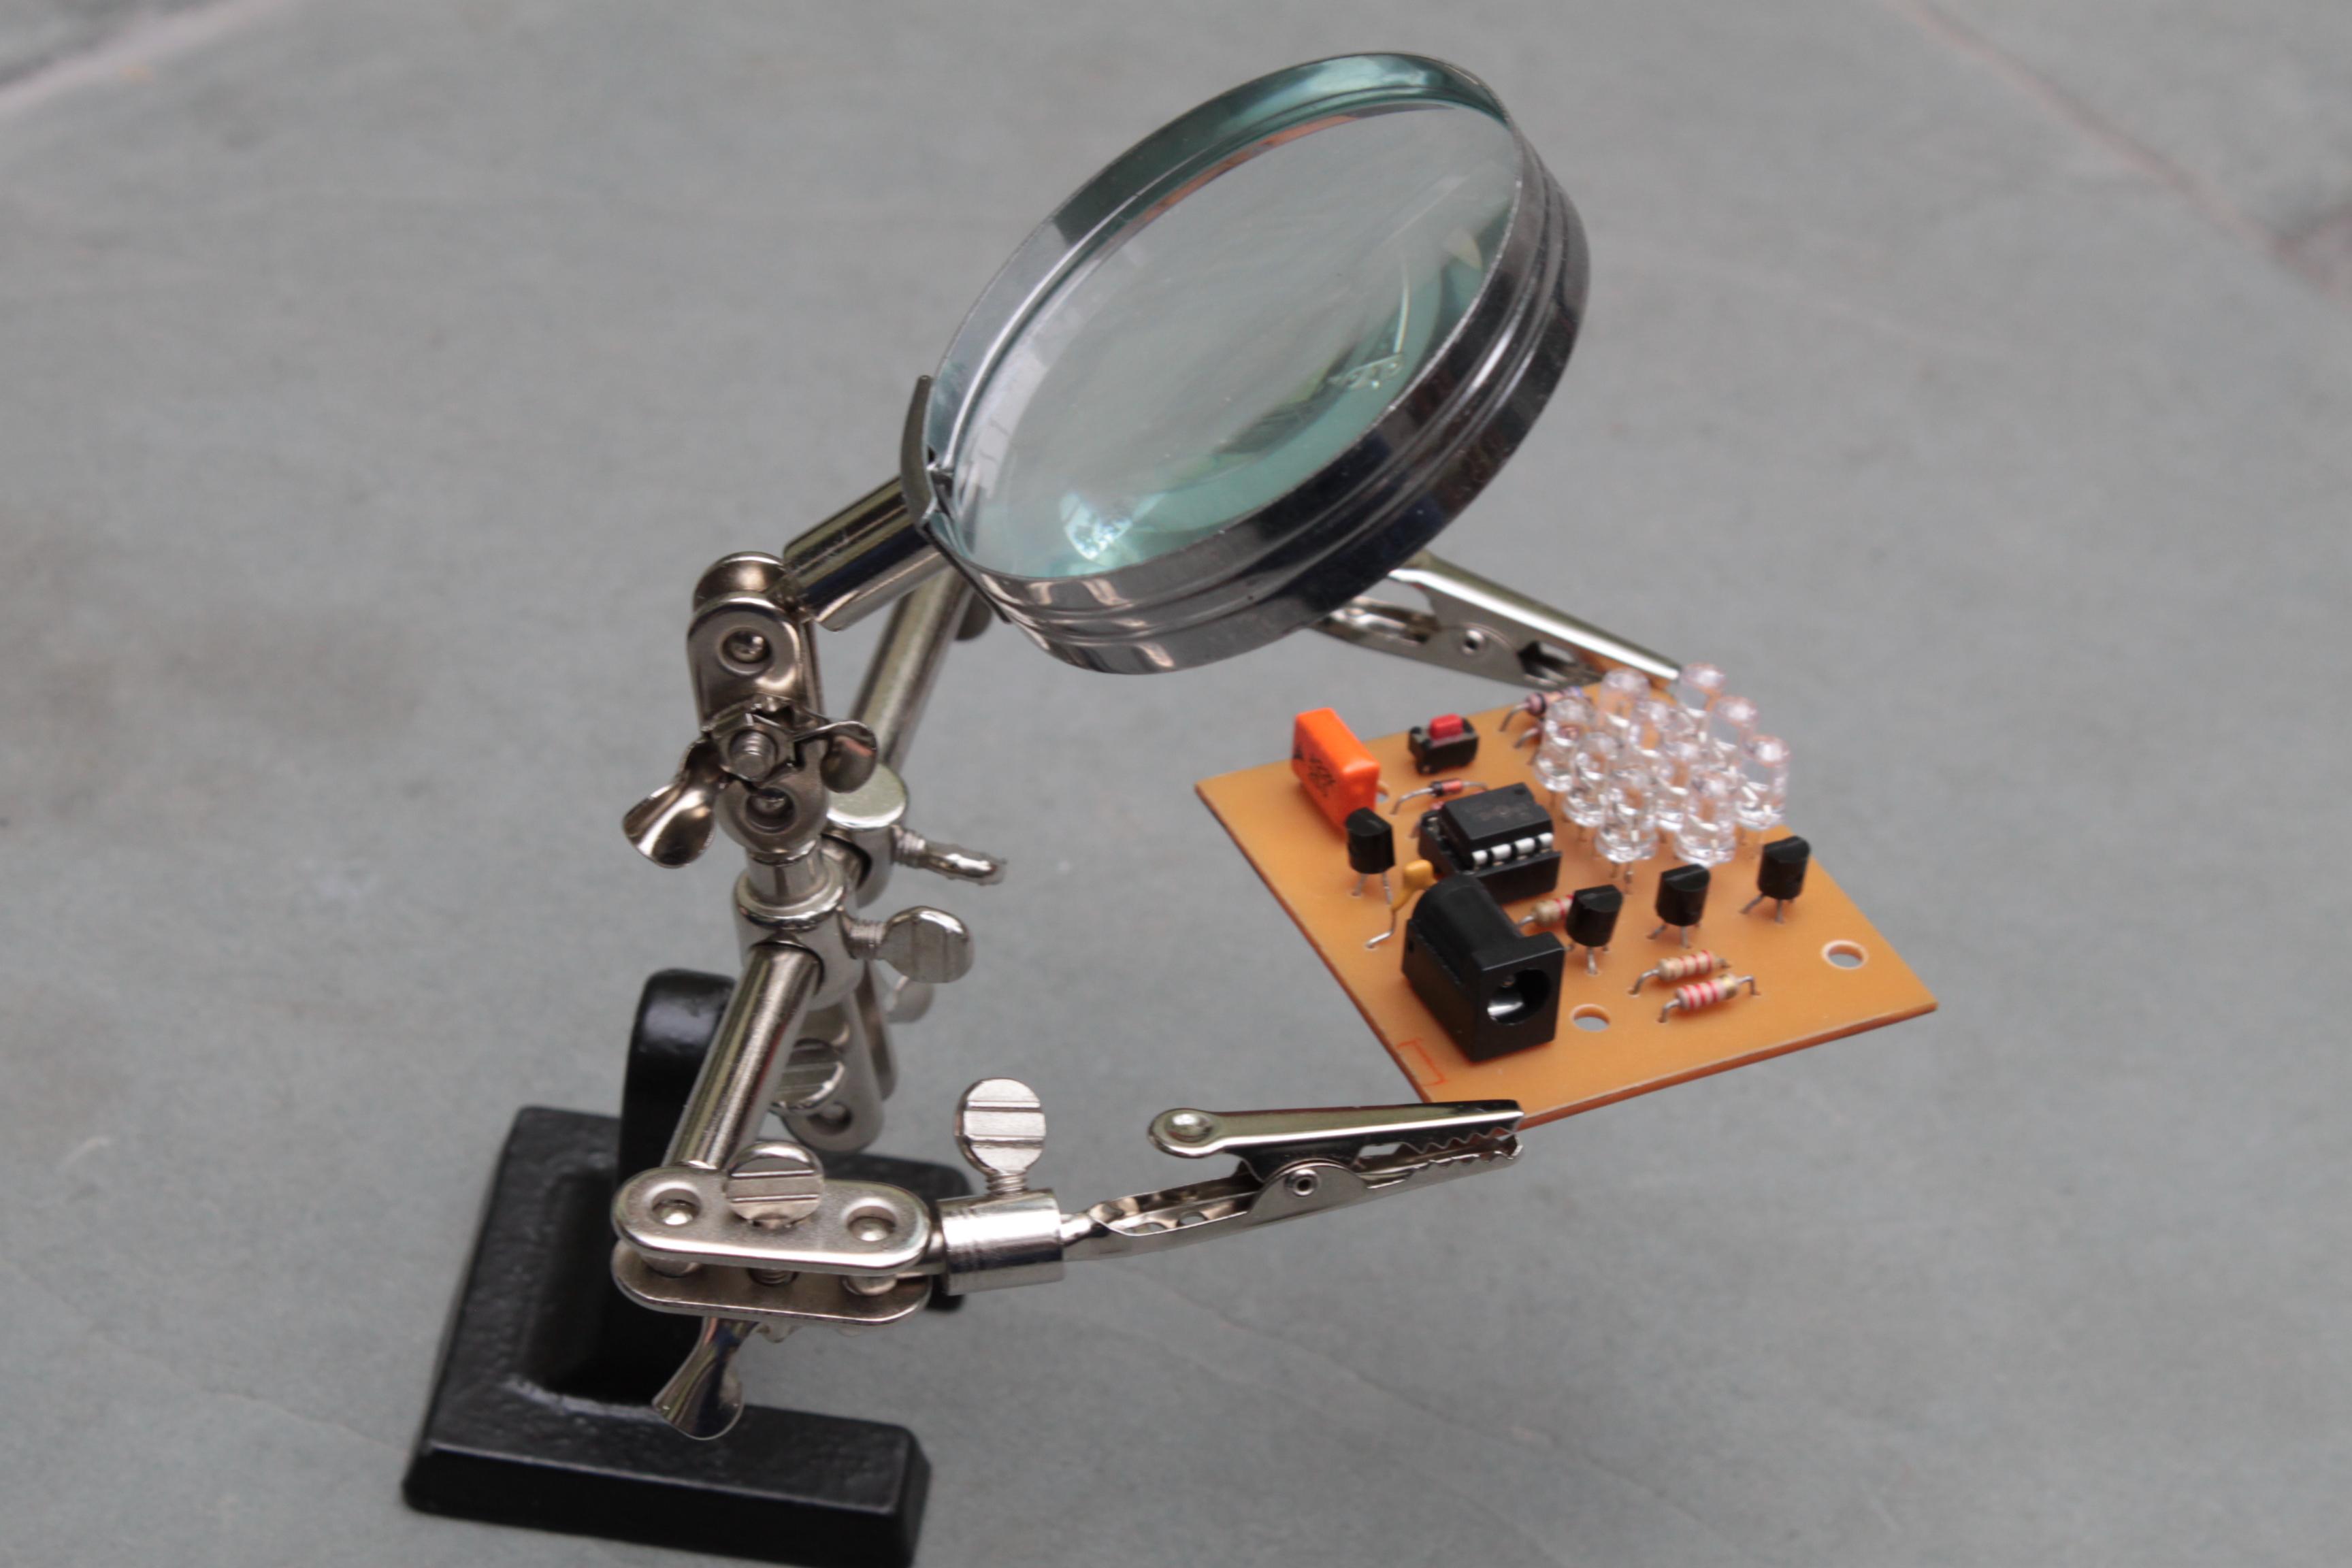 Circuito Eletronico : File inspeção de circuito eletrônico g wikimedia commons